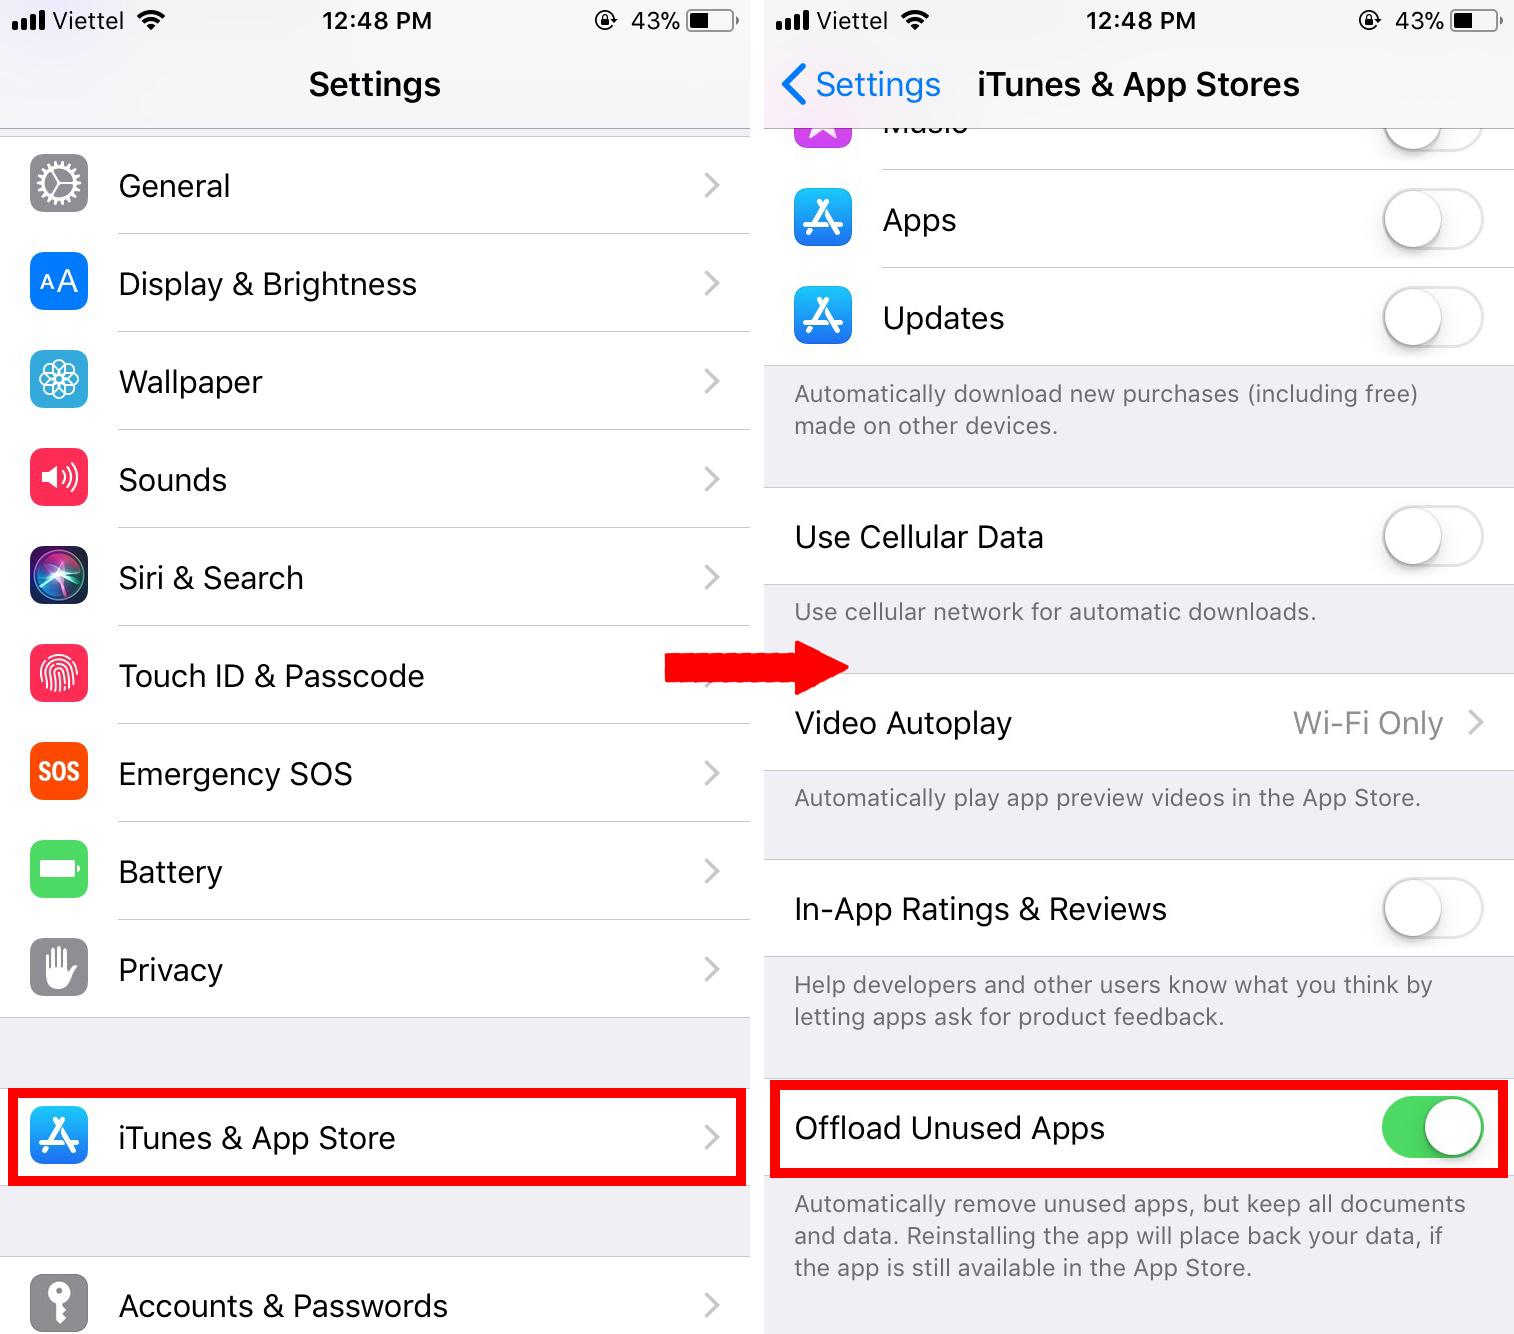 iPhone liên tục báo đầy bộ nhớ: Nguyên nhân và cách khắc phục từ A-Z - Ảnh 4.